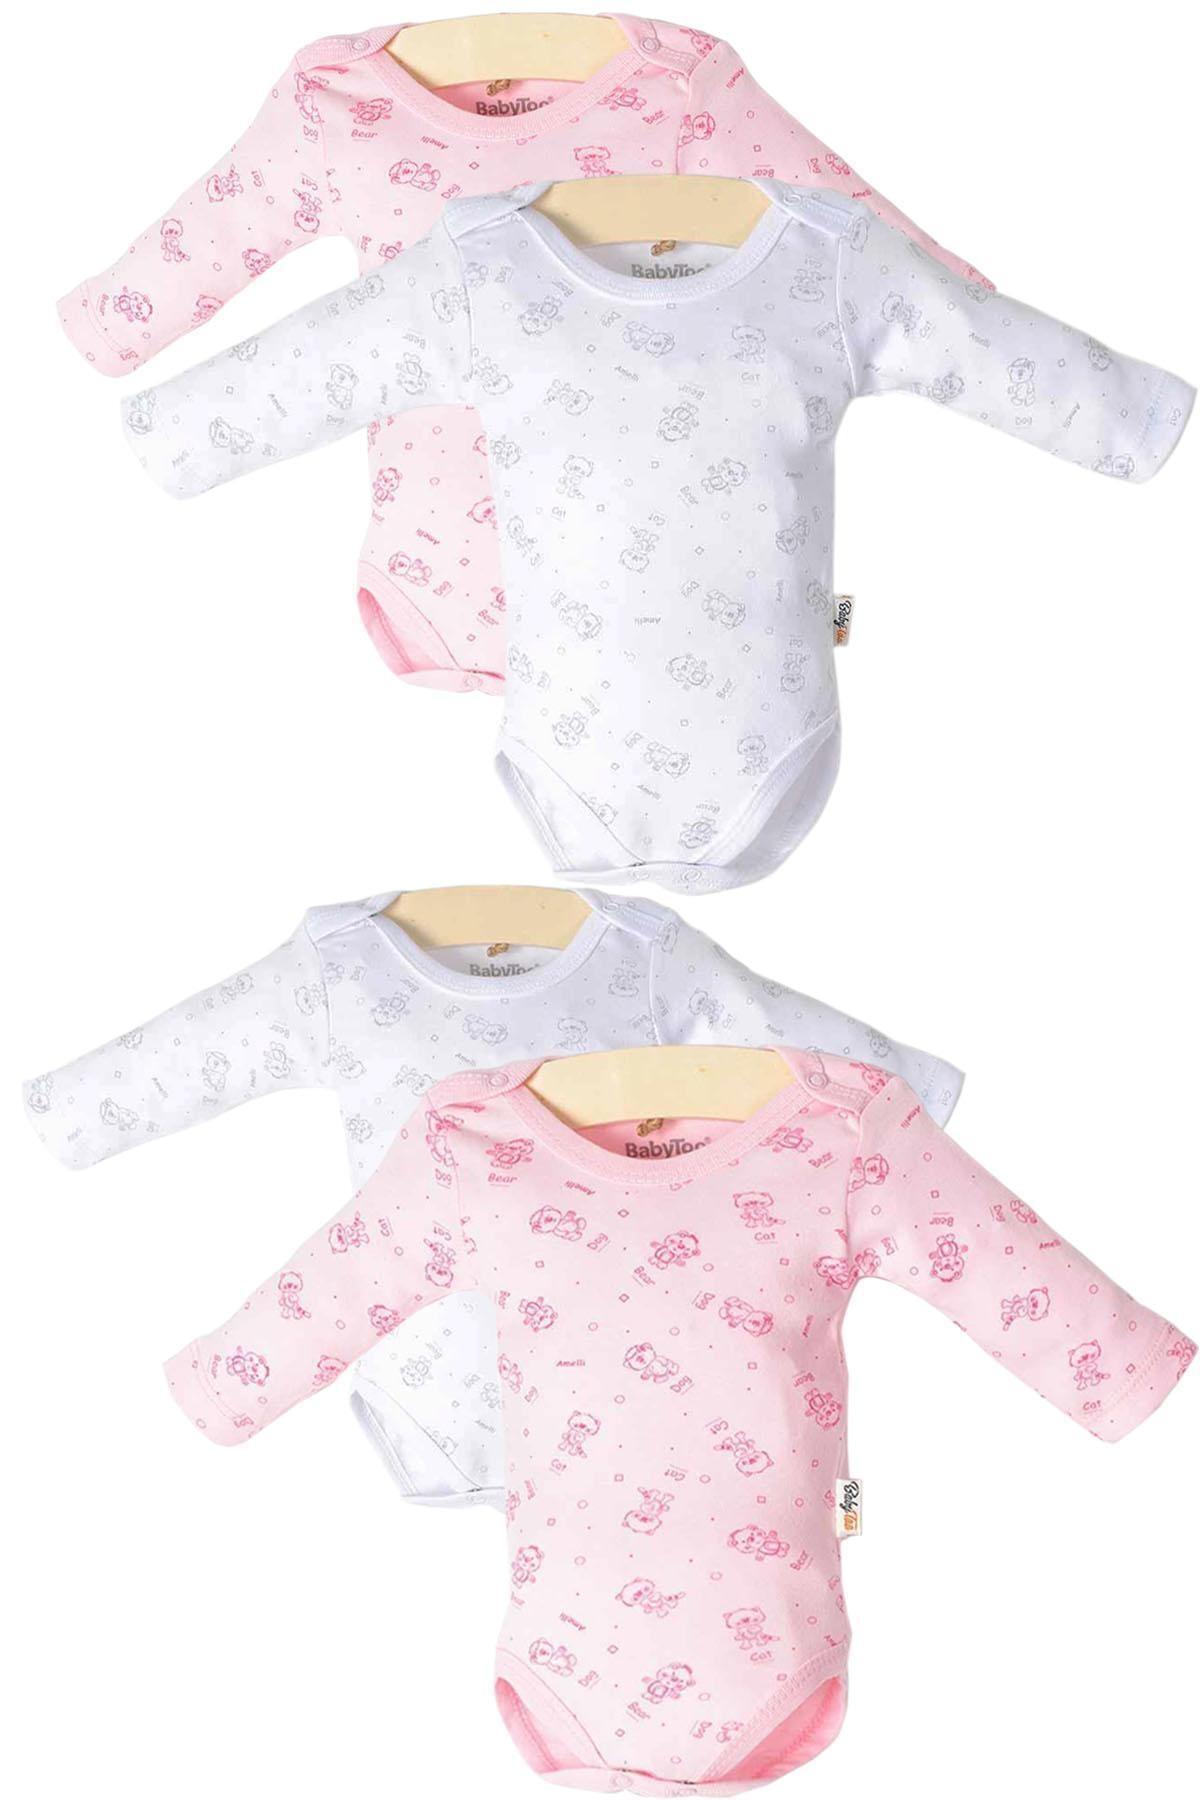 Pattaya Kids Kız Bebek Çıtçıtlı Uzun Kollu 4'lü Zıbın Takımı Ptk20s-407 1